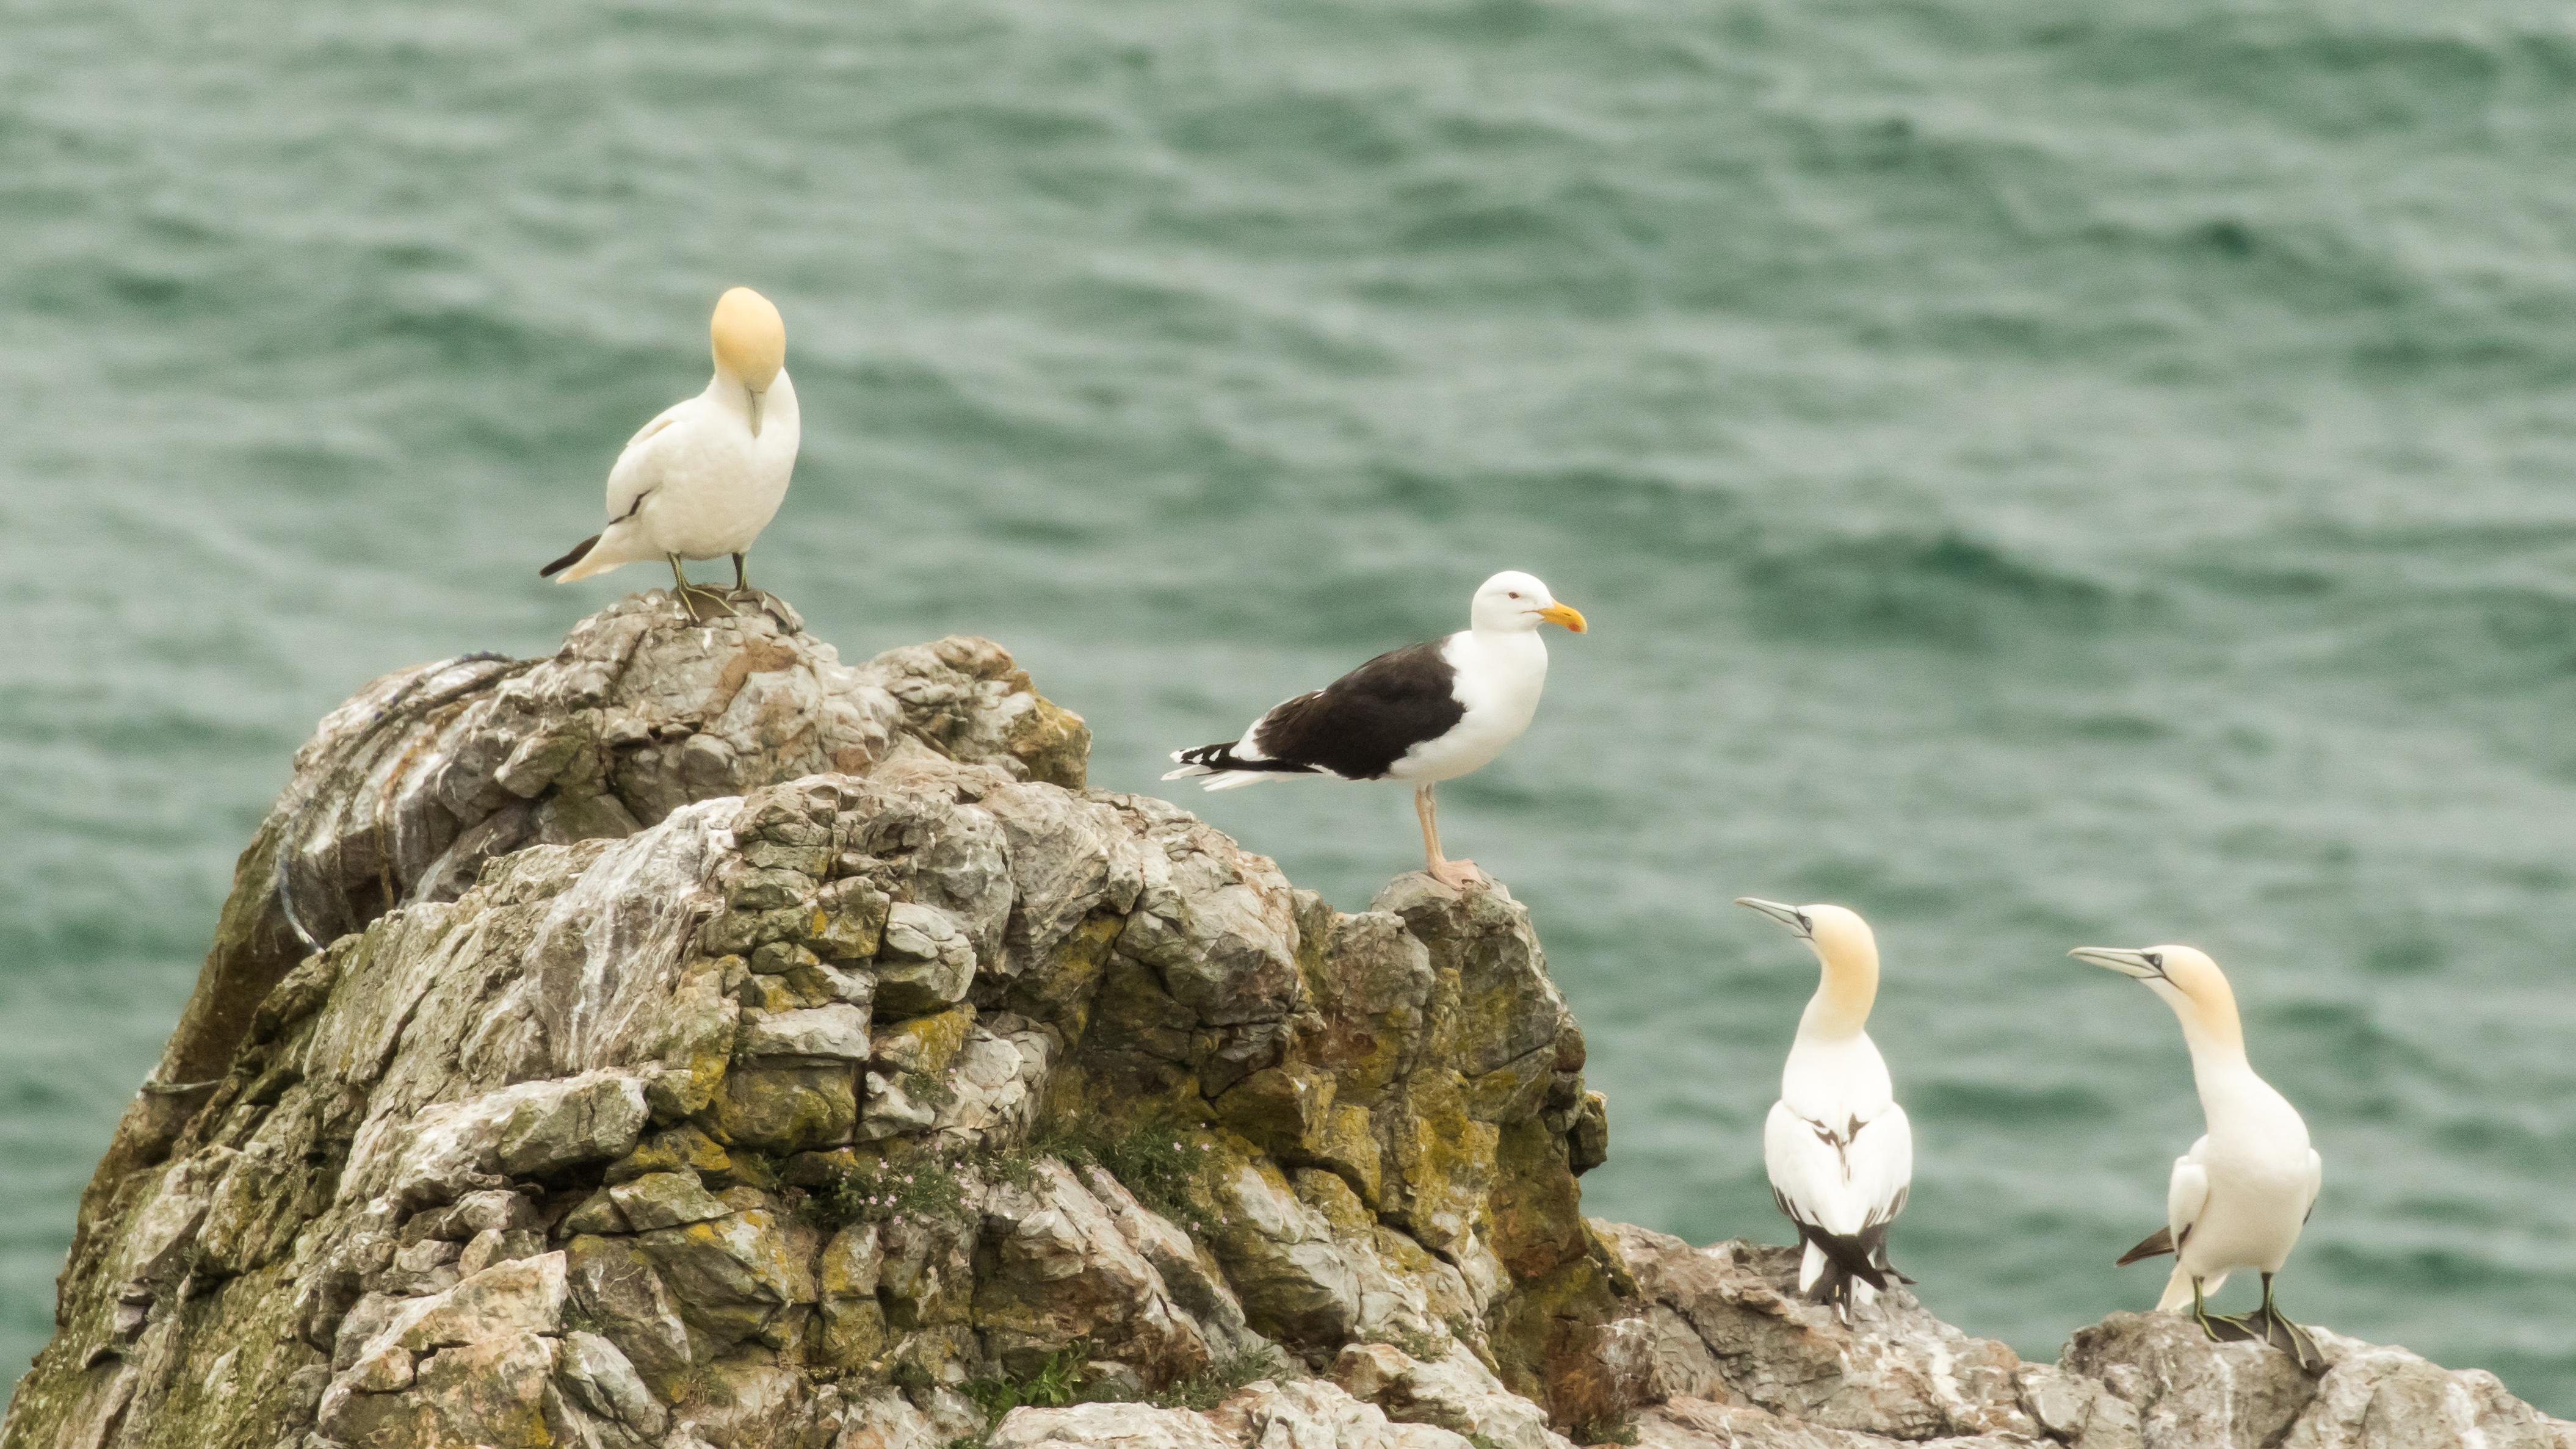 Gannet pair and gull